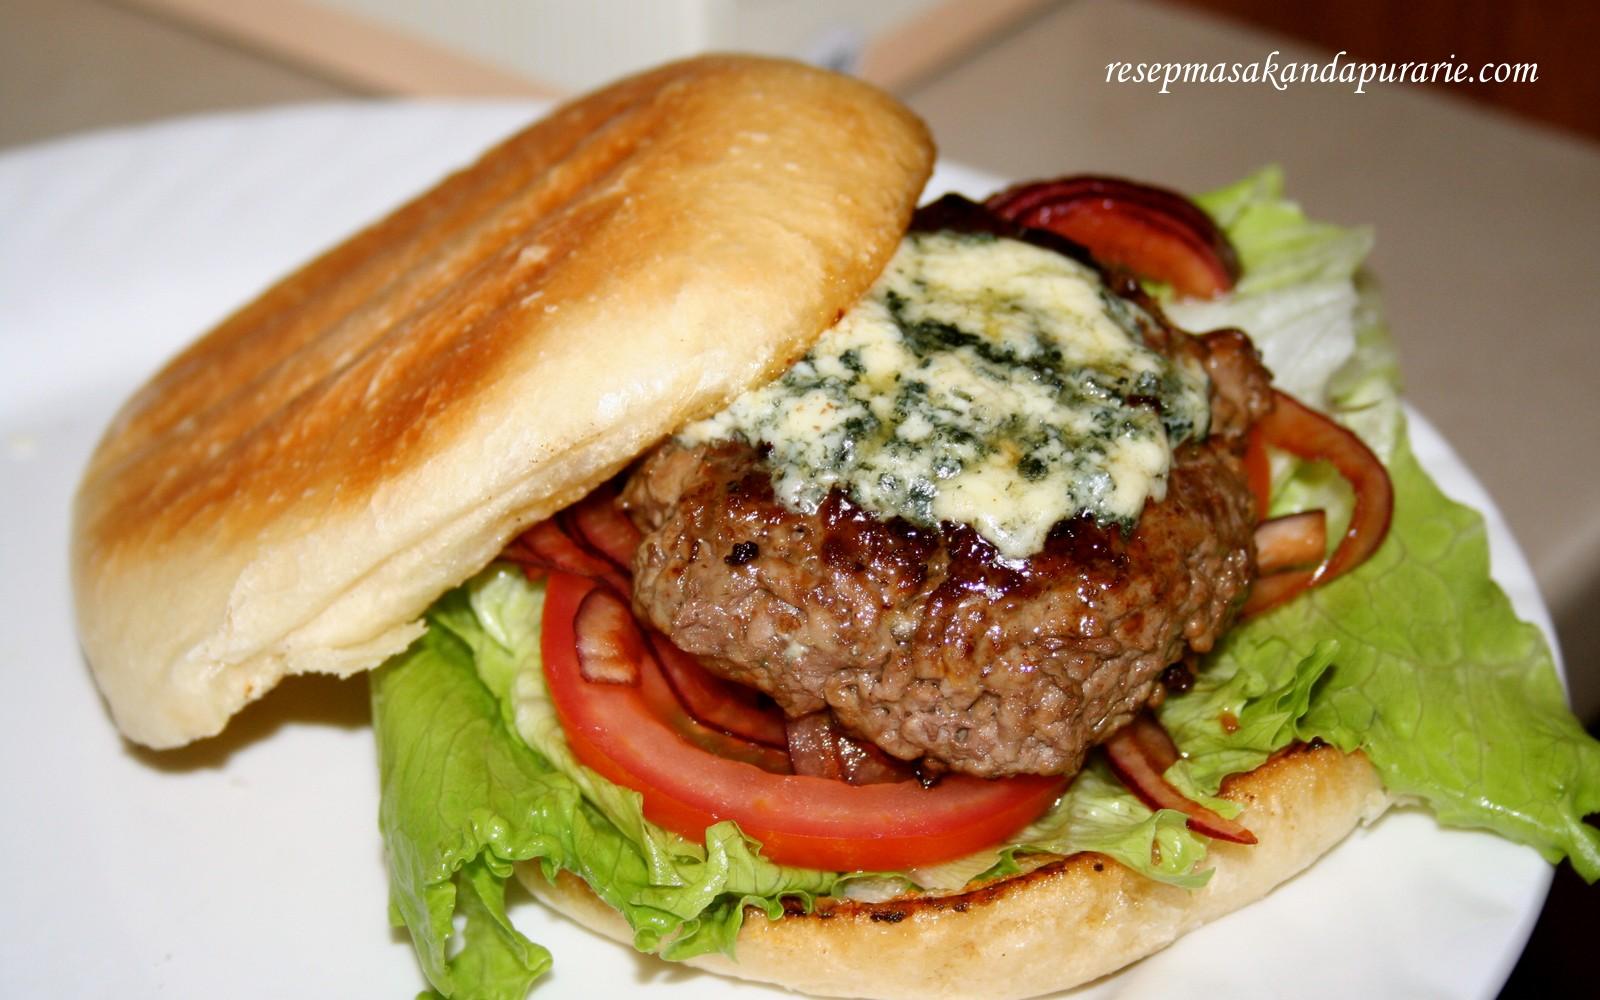 resep cara membuat burger ala jamie oliver   resep masakan